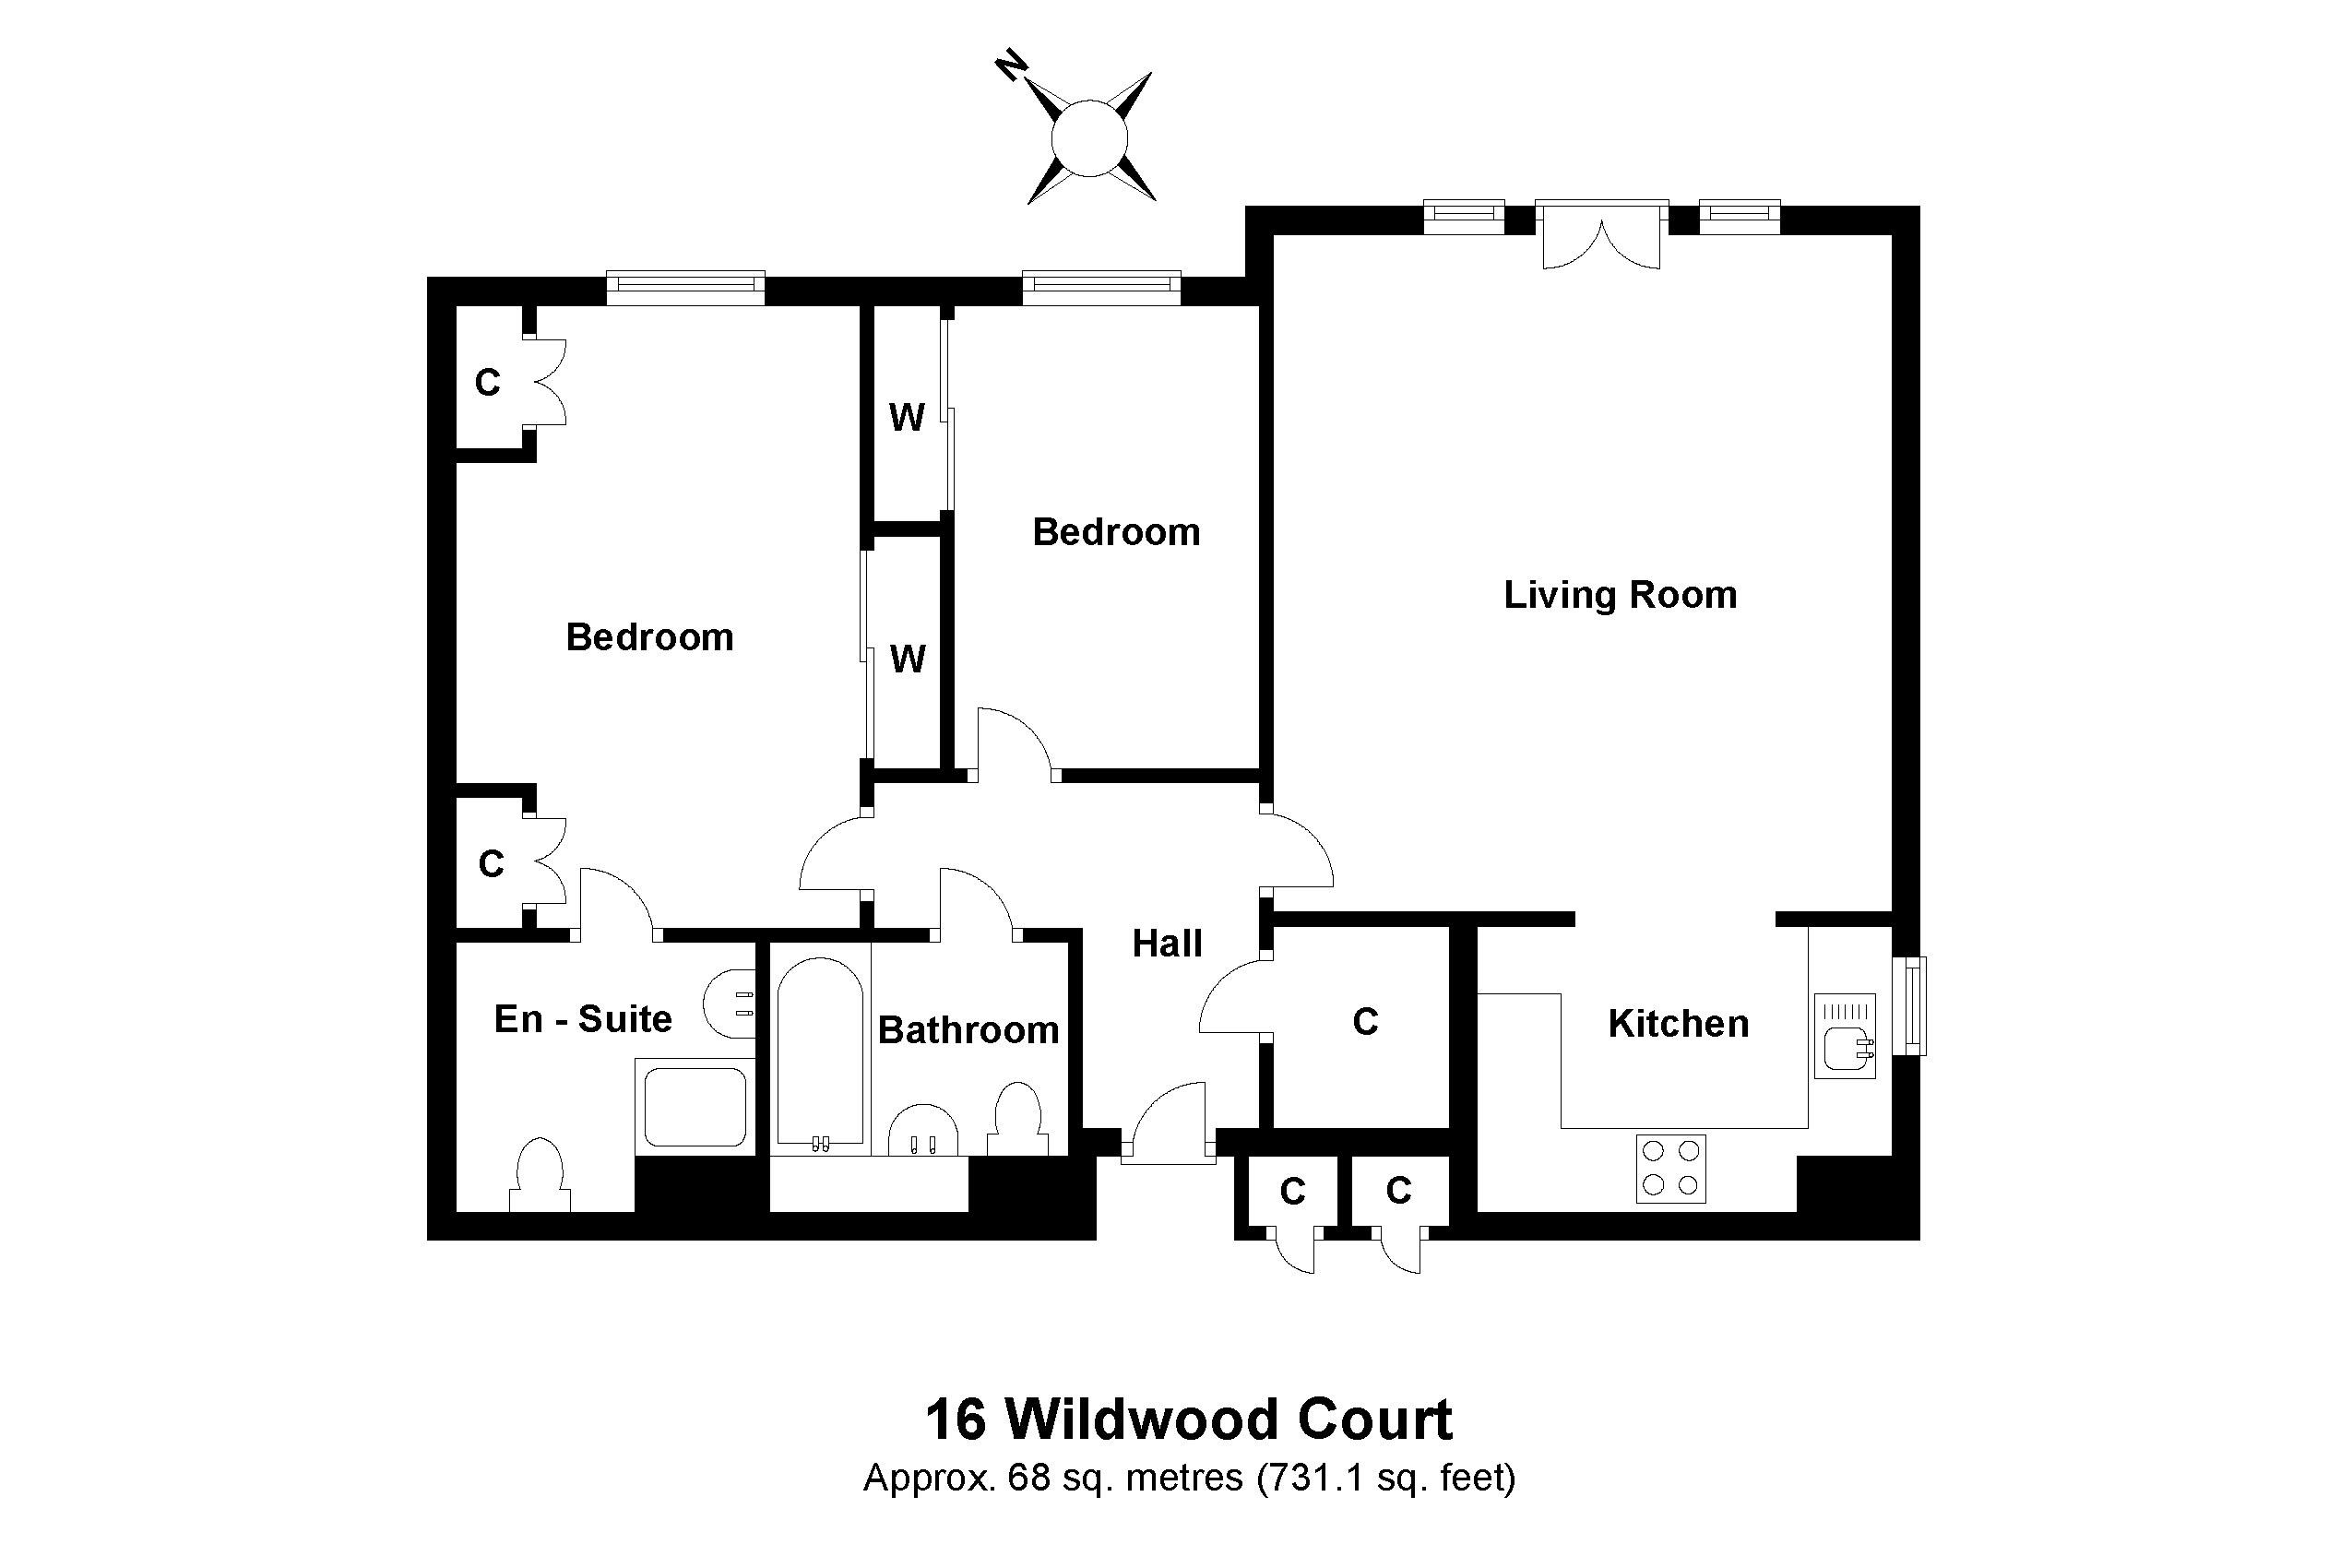 16 Wildwood Court Floorplan